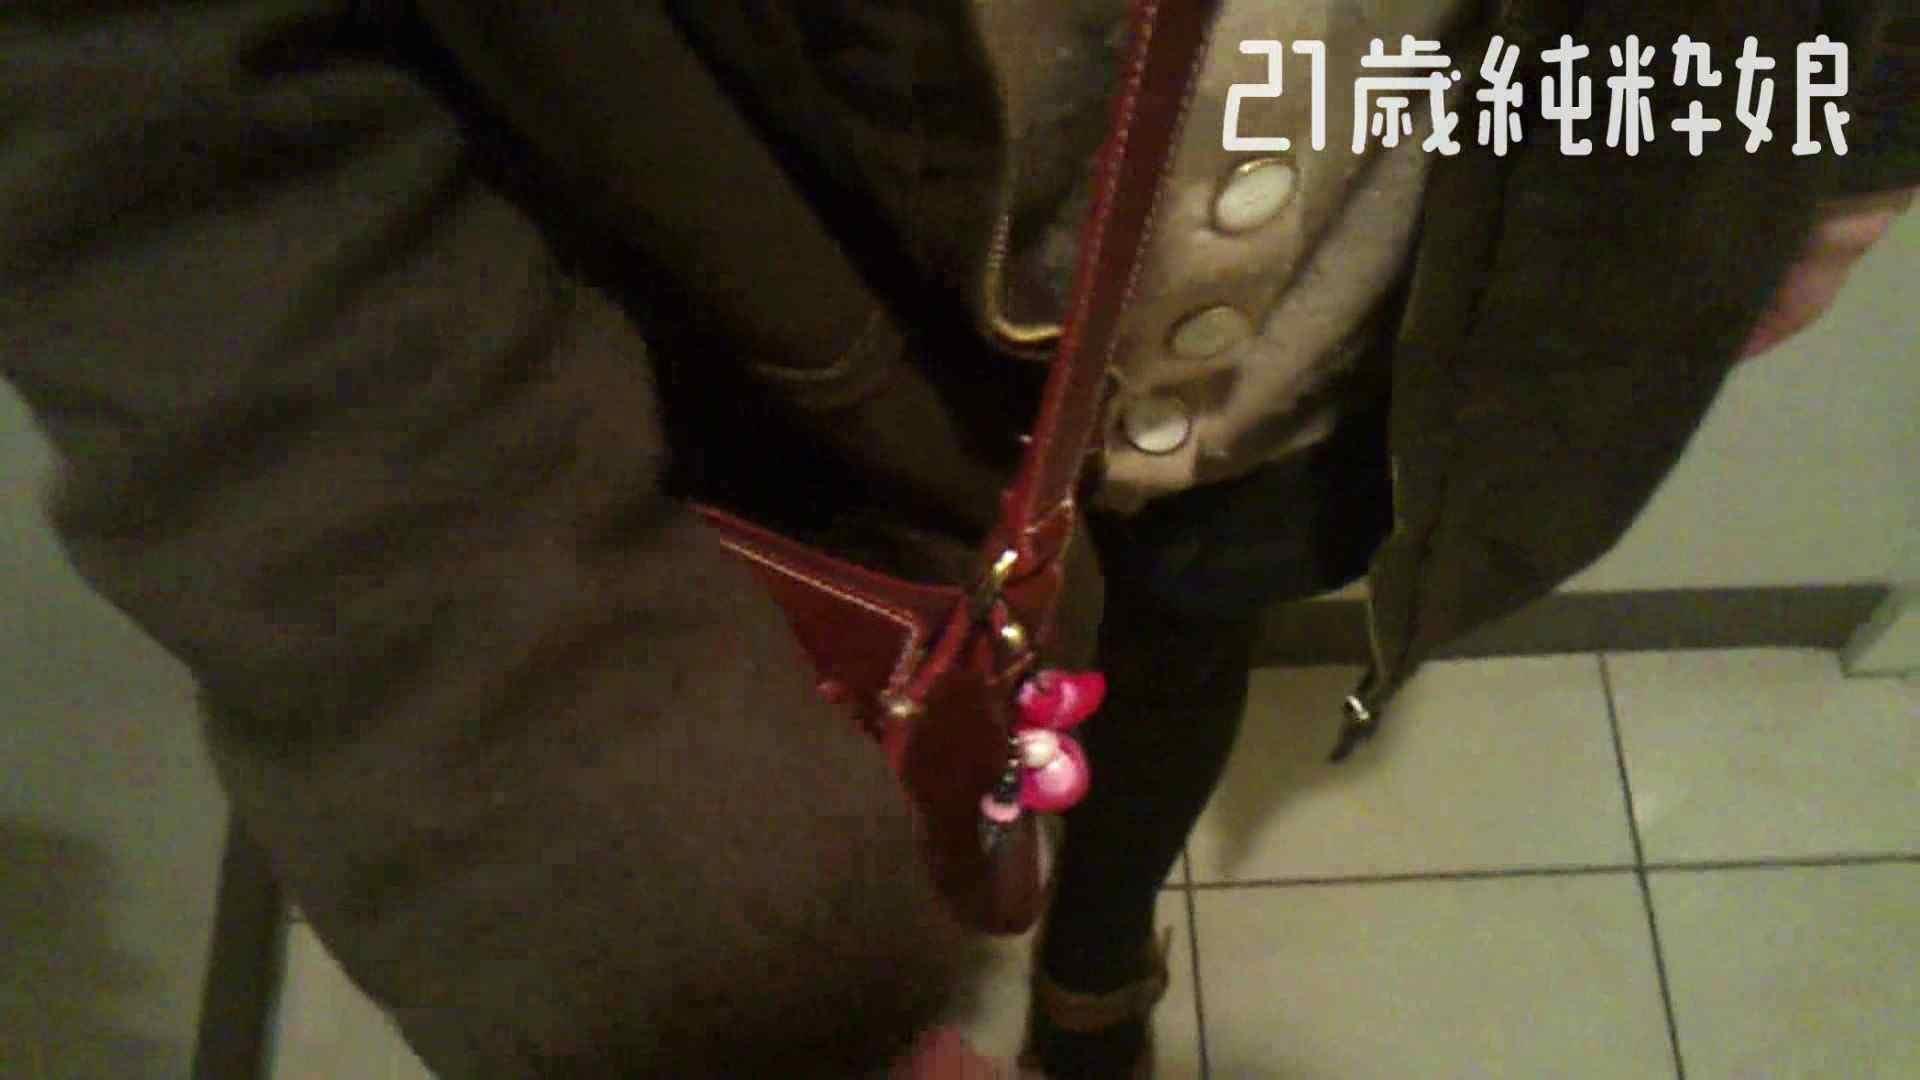 Gカップ21歳純粋嬢第2弾Vol.5 OL | 学校  75連発 56